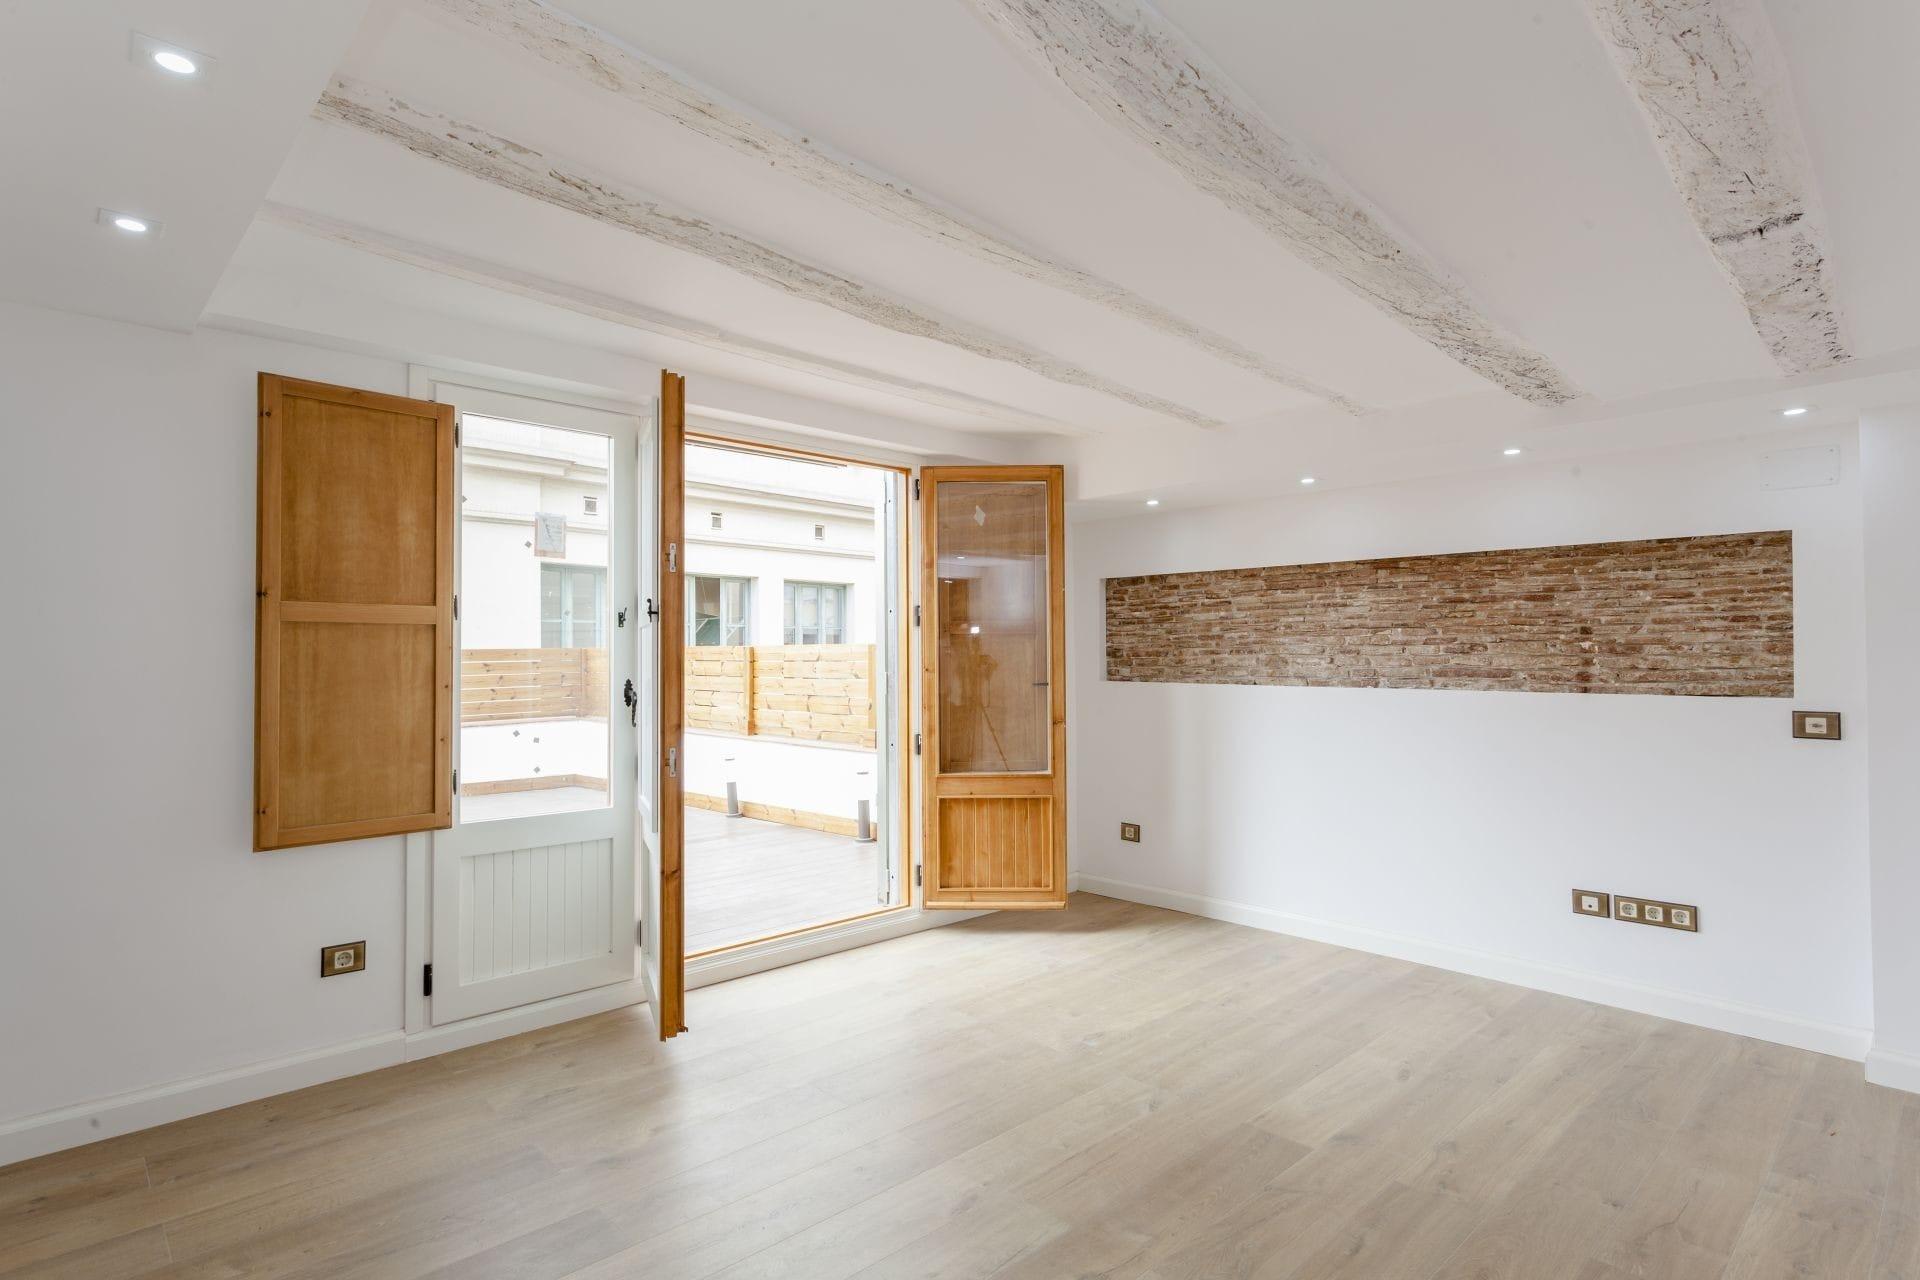 Venta de tico con reforma de lujo y terraza de 35 m2 en - Permiso obras piso barcelona ...